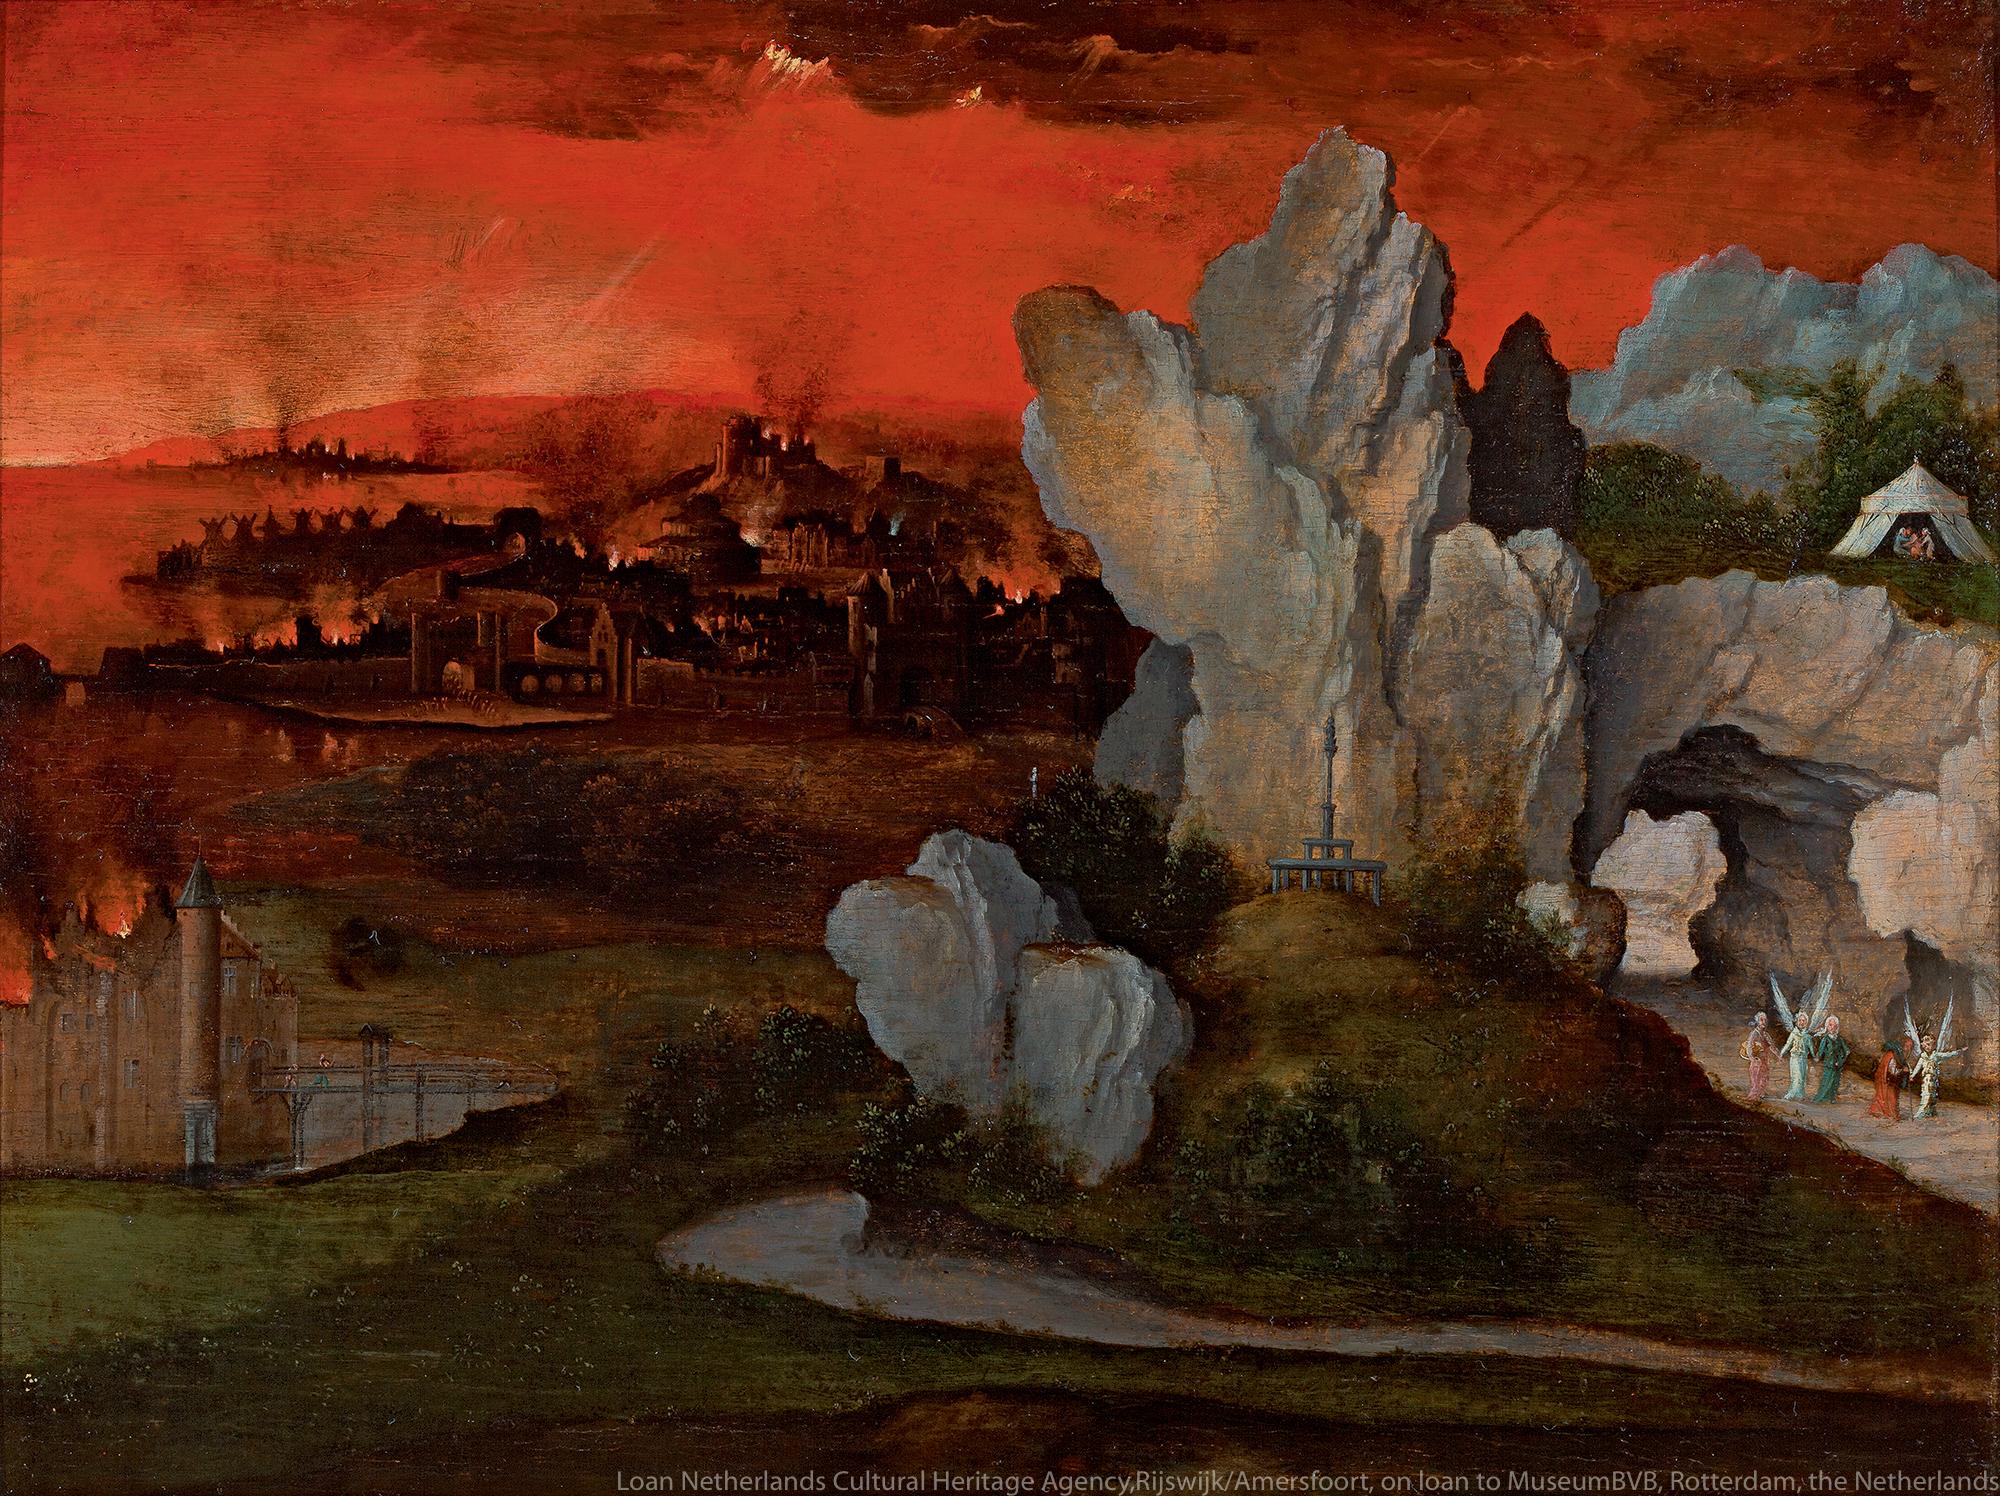 ヨアヒム・パティニール《ソドムとゴモラの滅亡がある風景》(1520年頃)